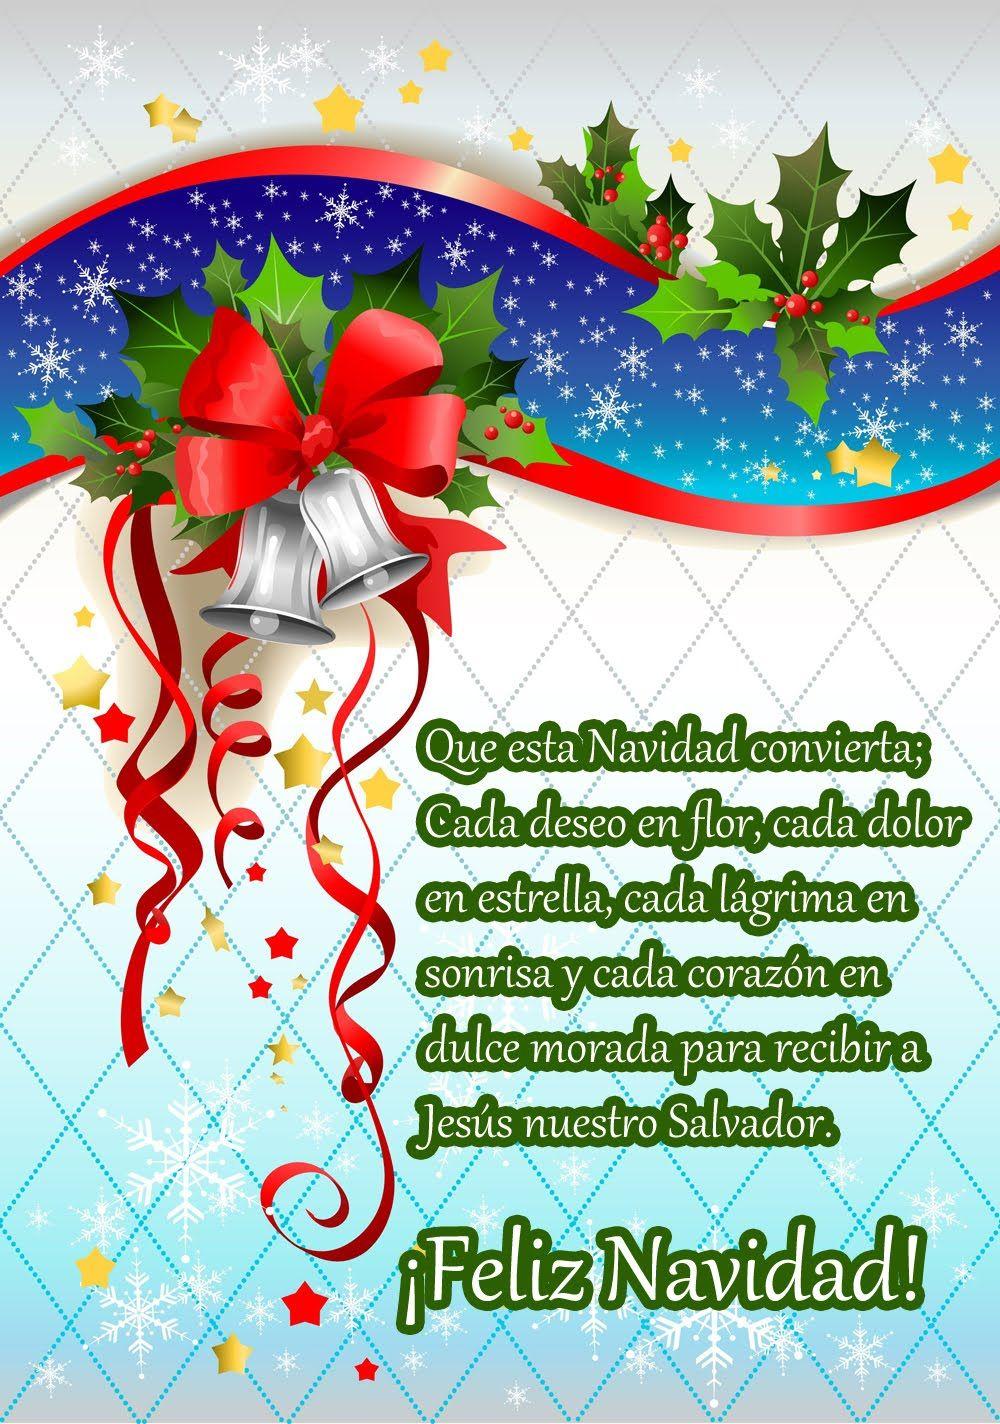 Deseos de navidad felicitaciones navide as y fin de a i - Deseos de feliz navidad ...